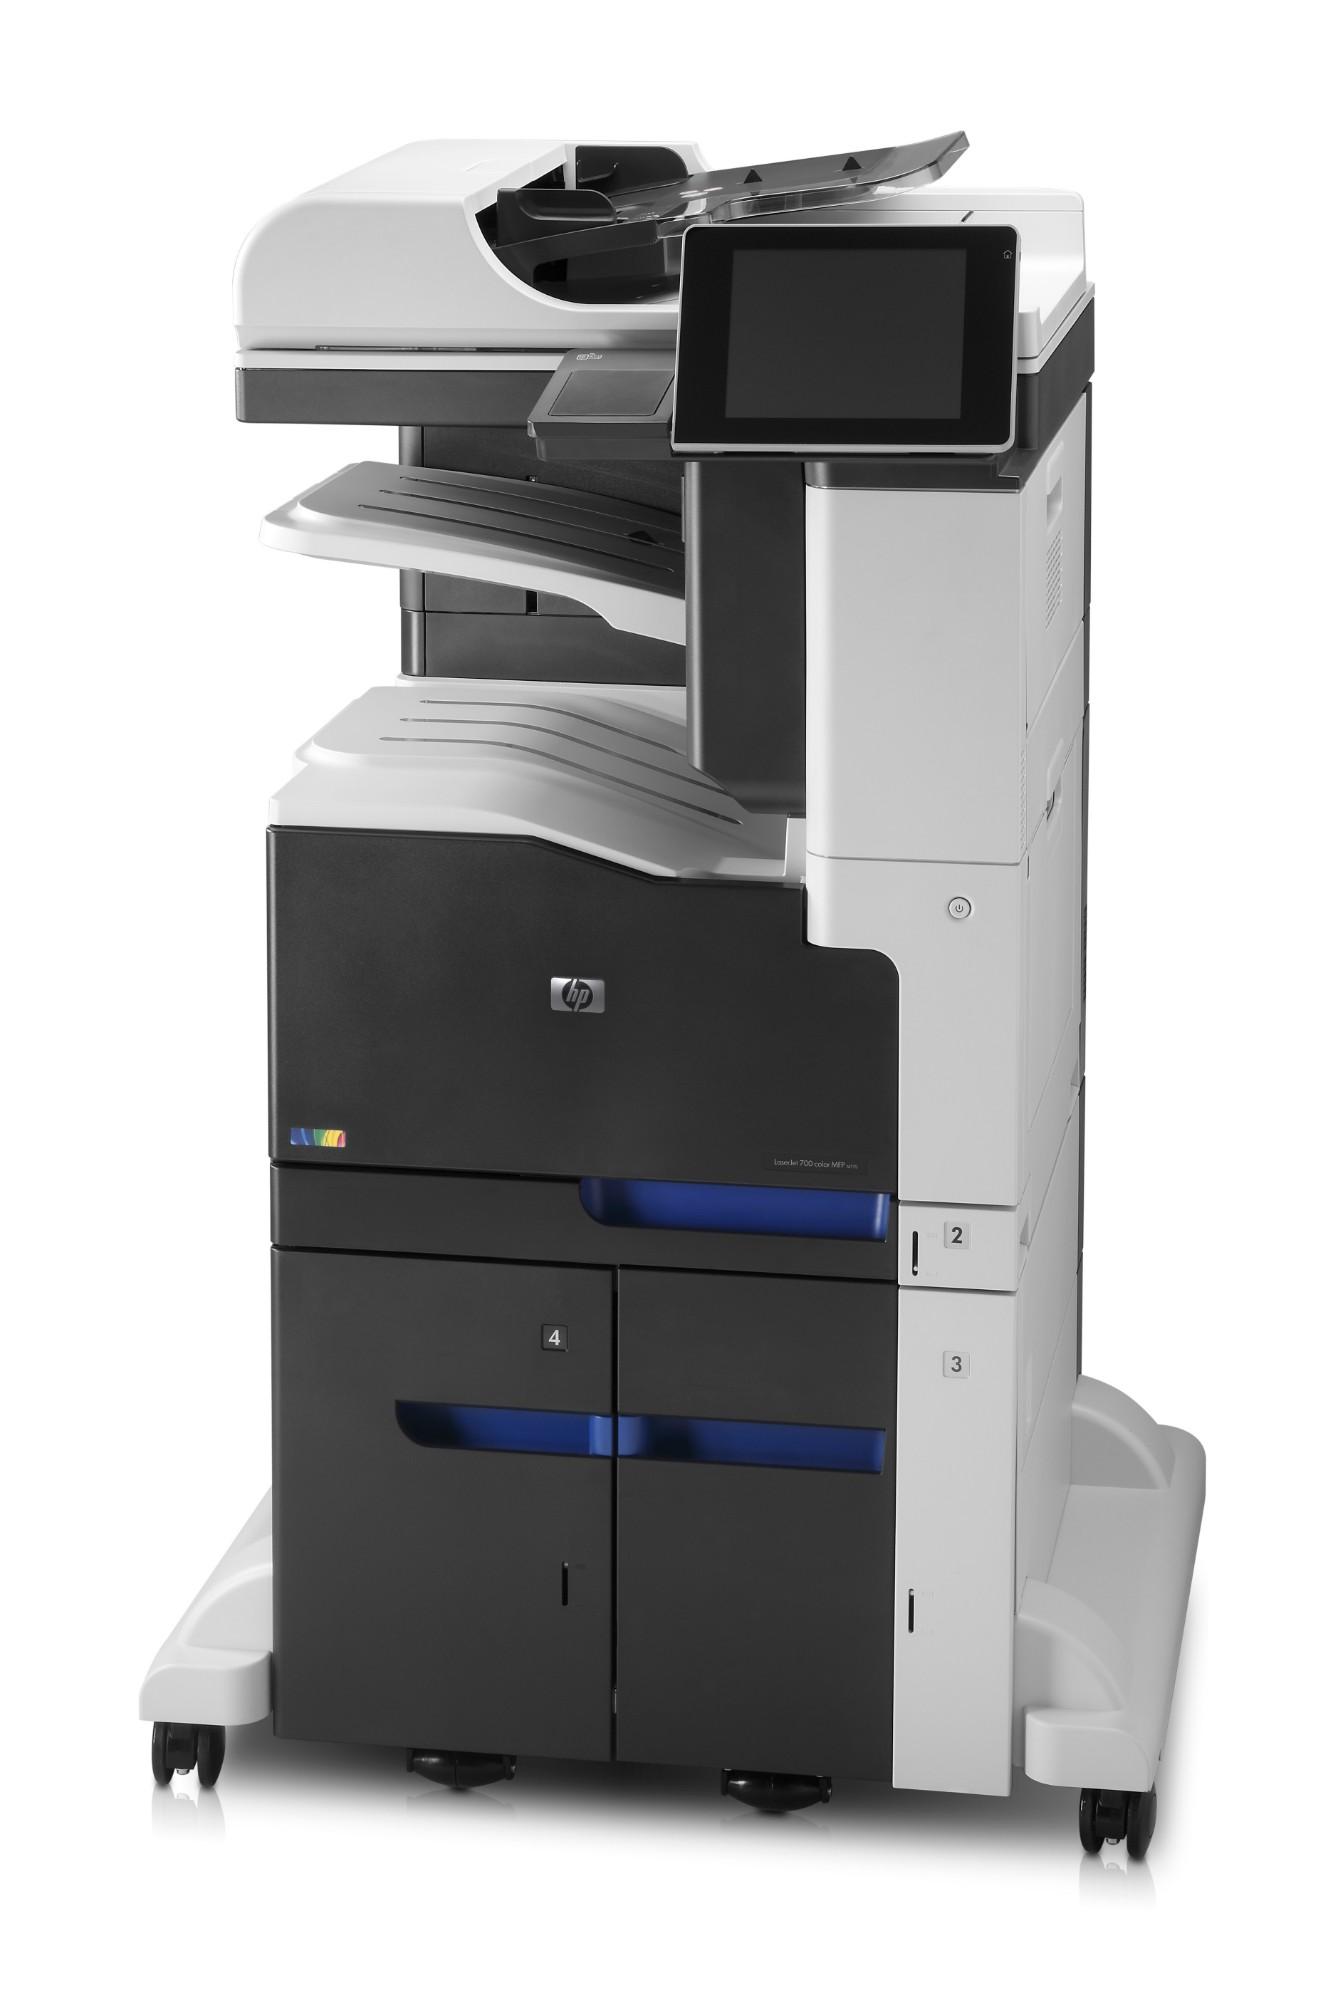 Hp Laserjet Enterprise 700 M775z 600 X 600dpi Laser A4